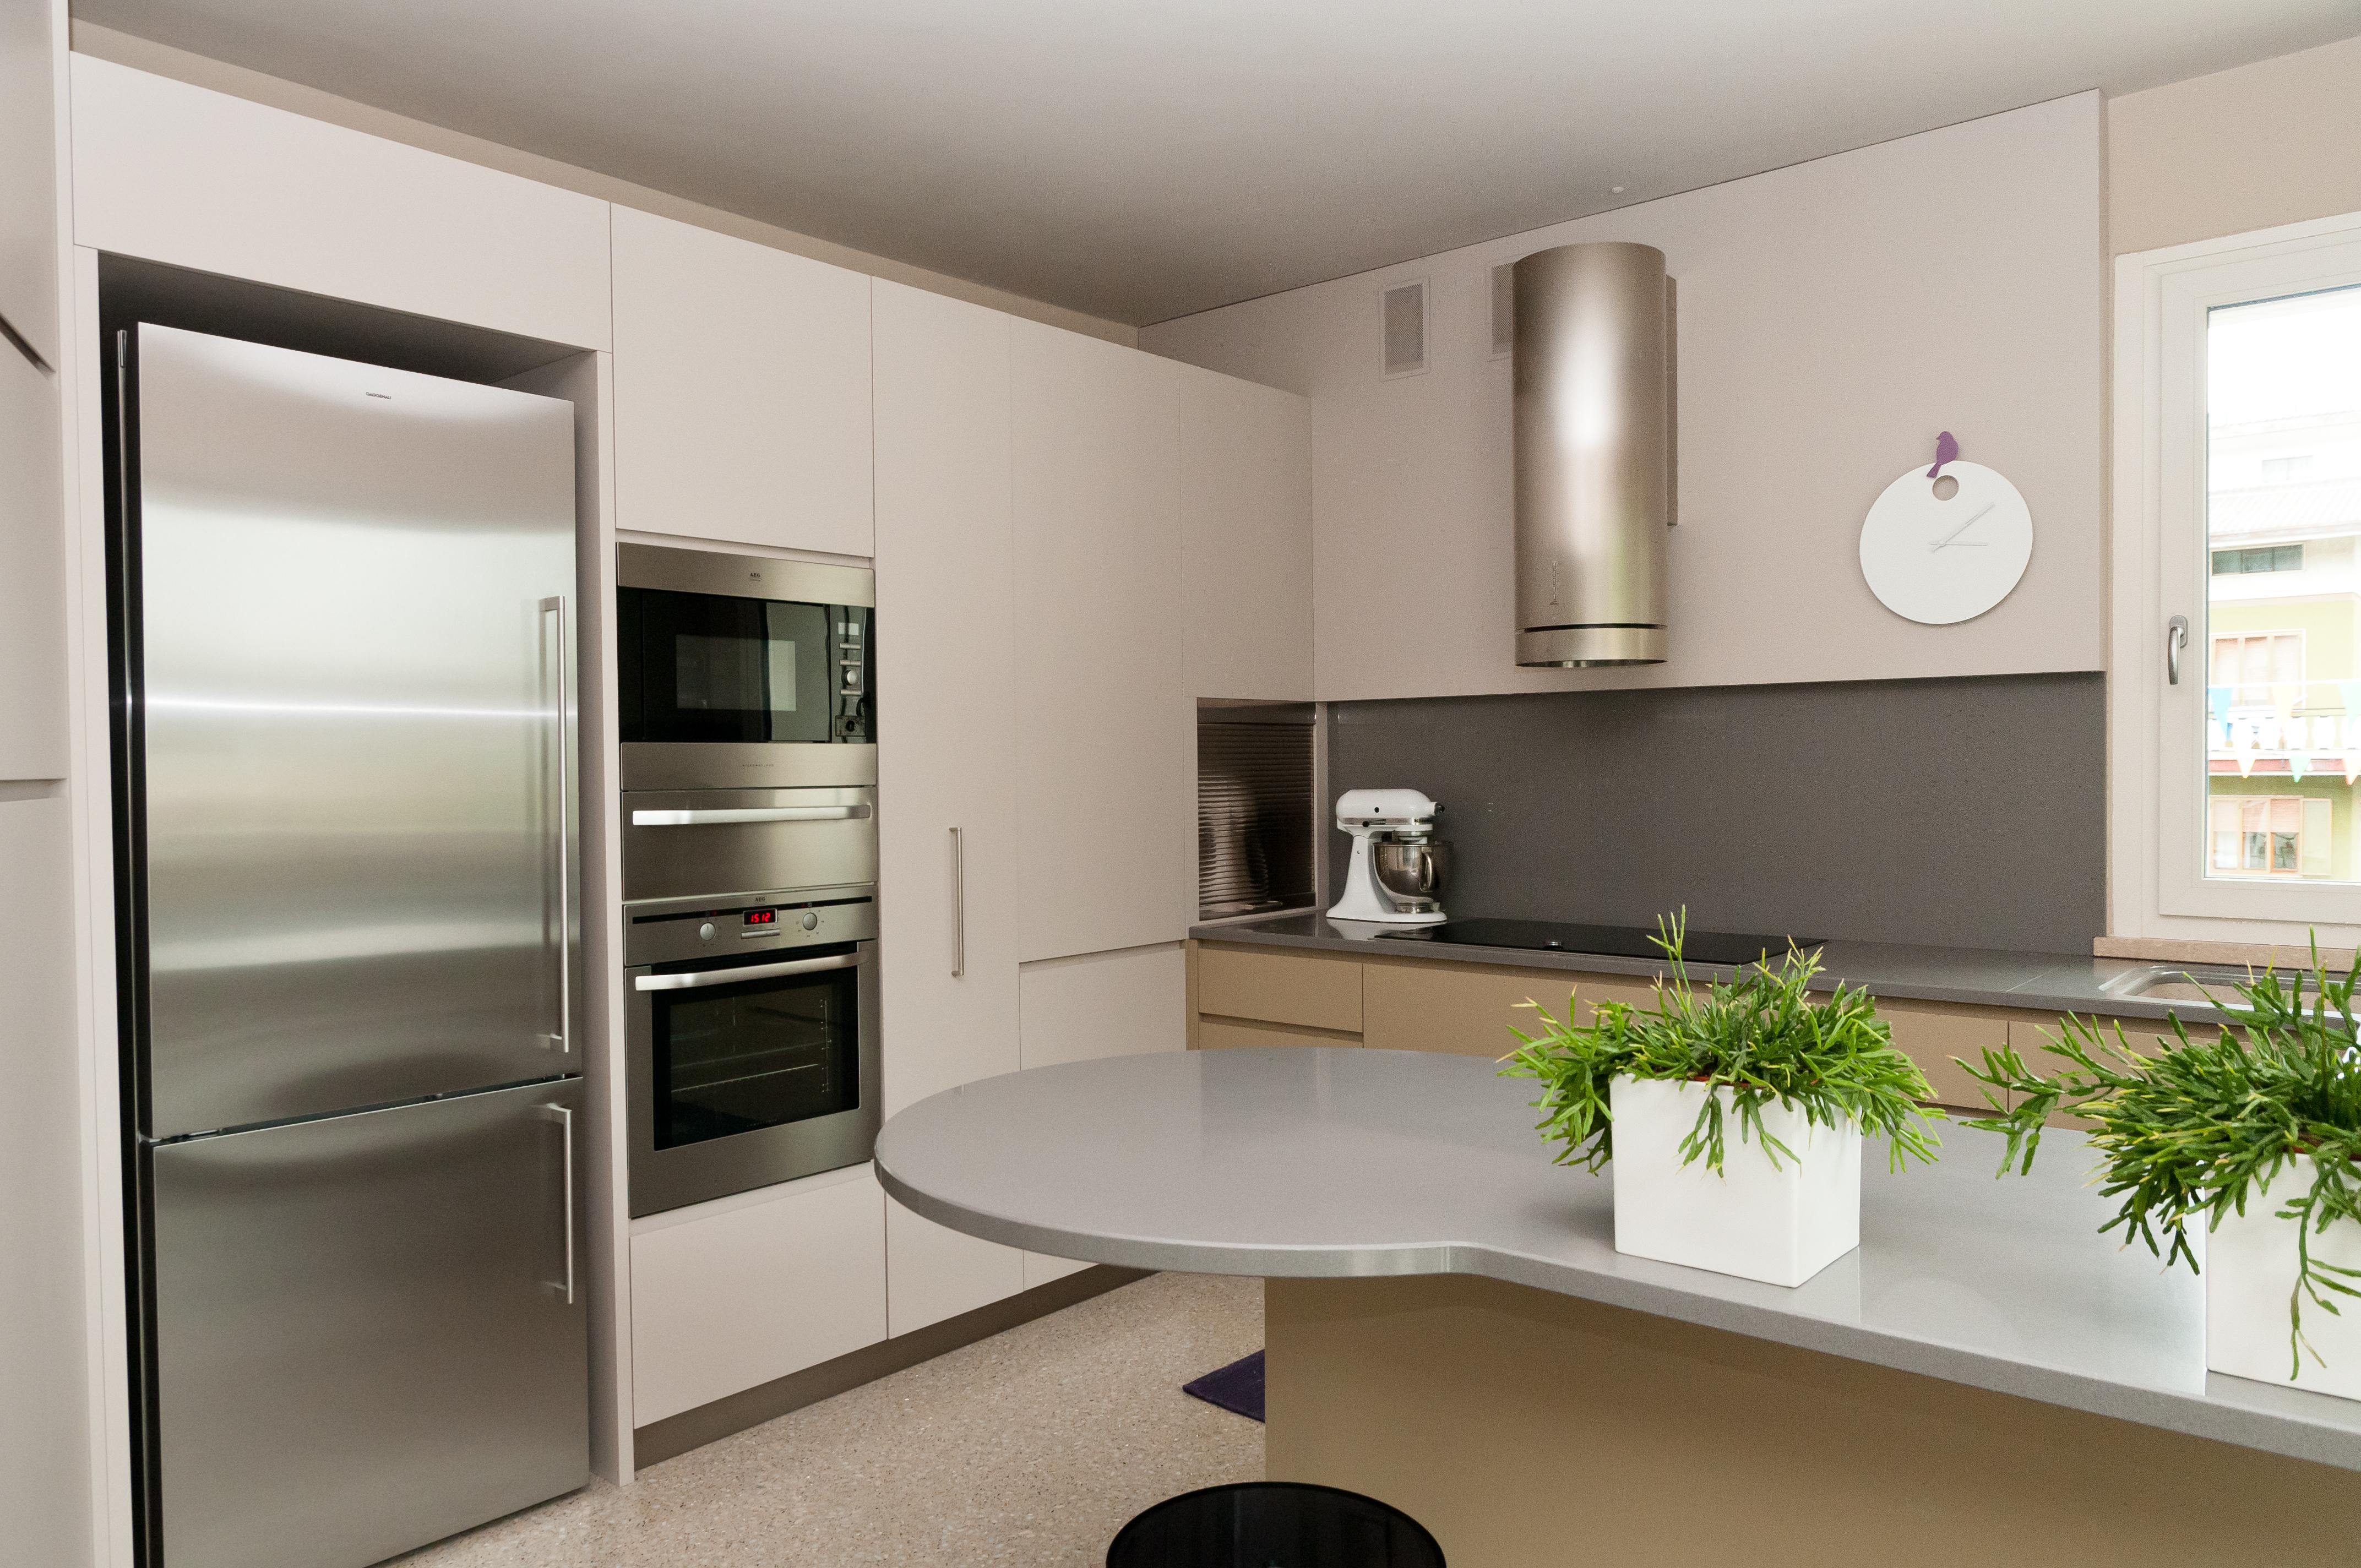 Residenza boffi pirogalli appartamento n 02 bilocale for Caprotti arredamenti